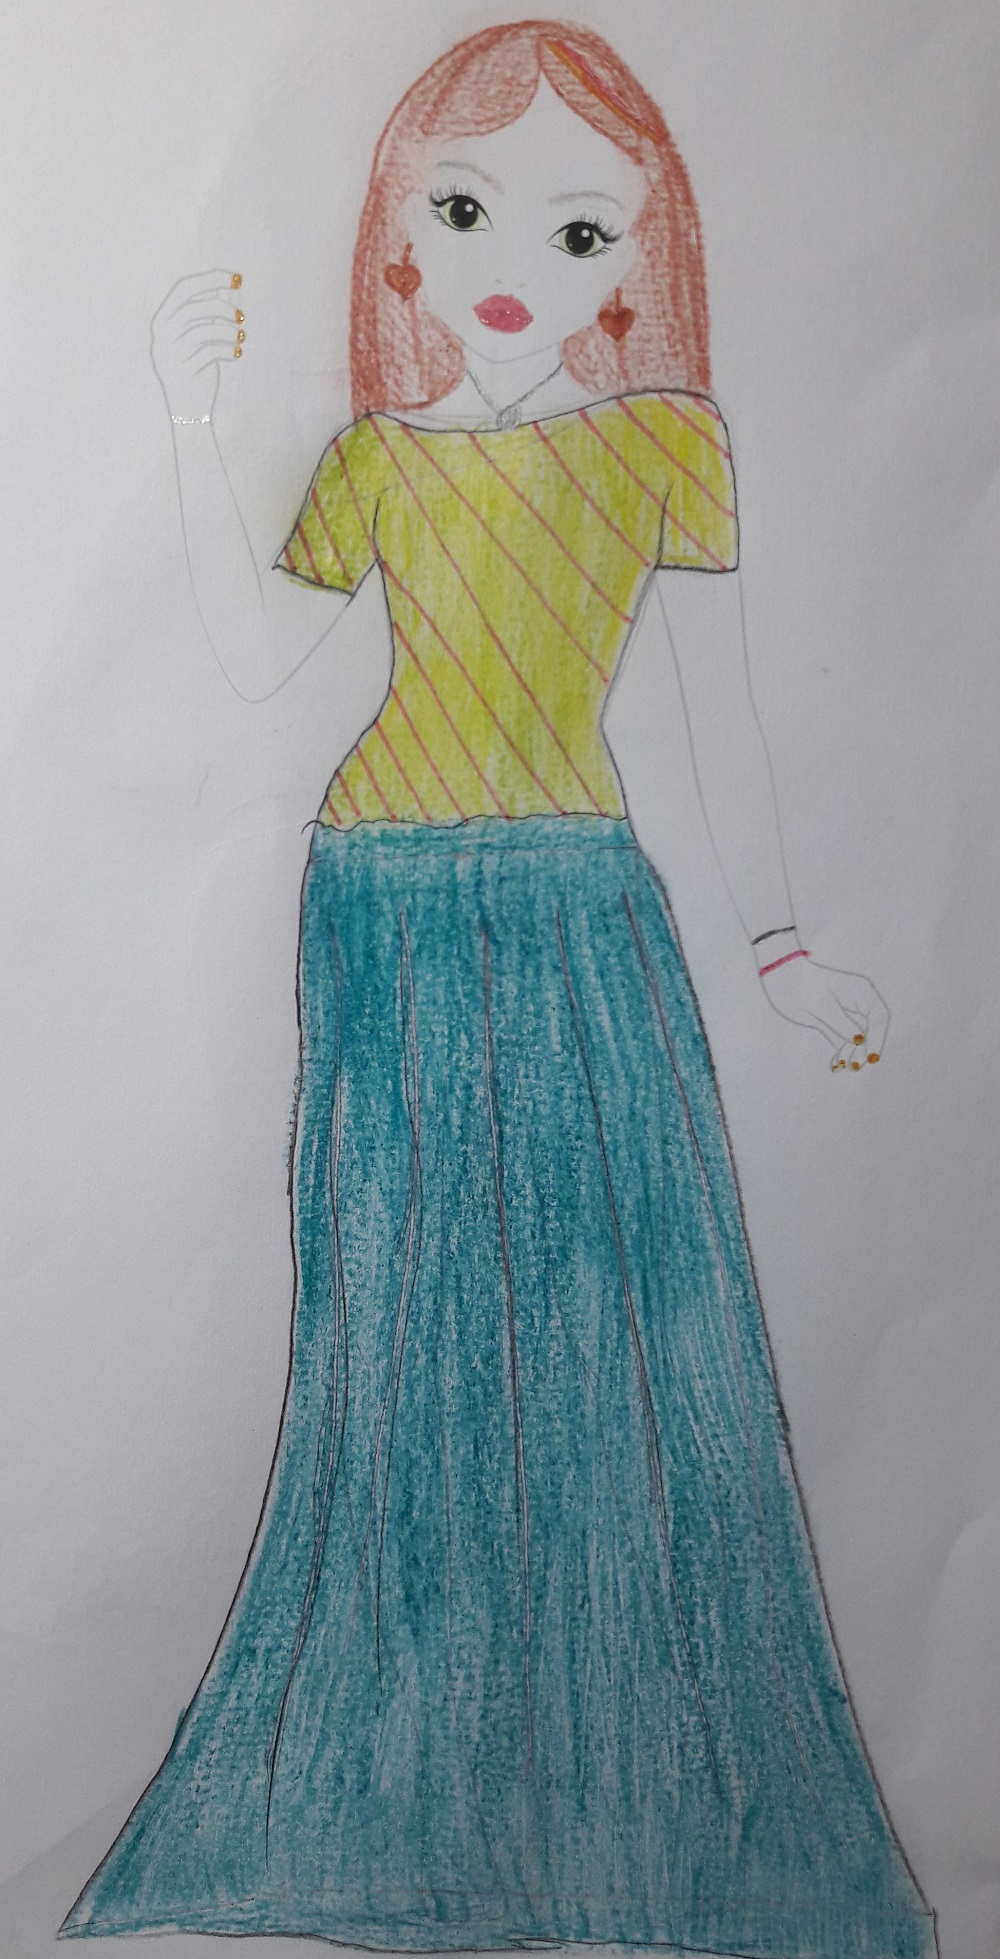 Phélyne F., 7 Jahre, aus Saint Maur des Fossés